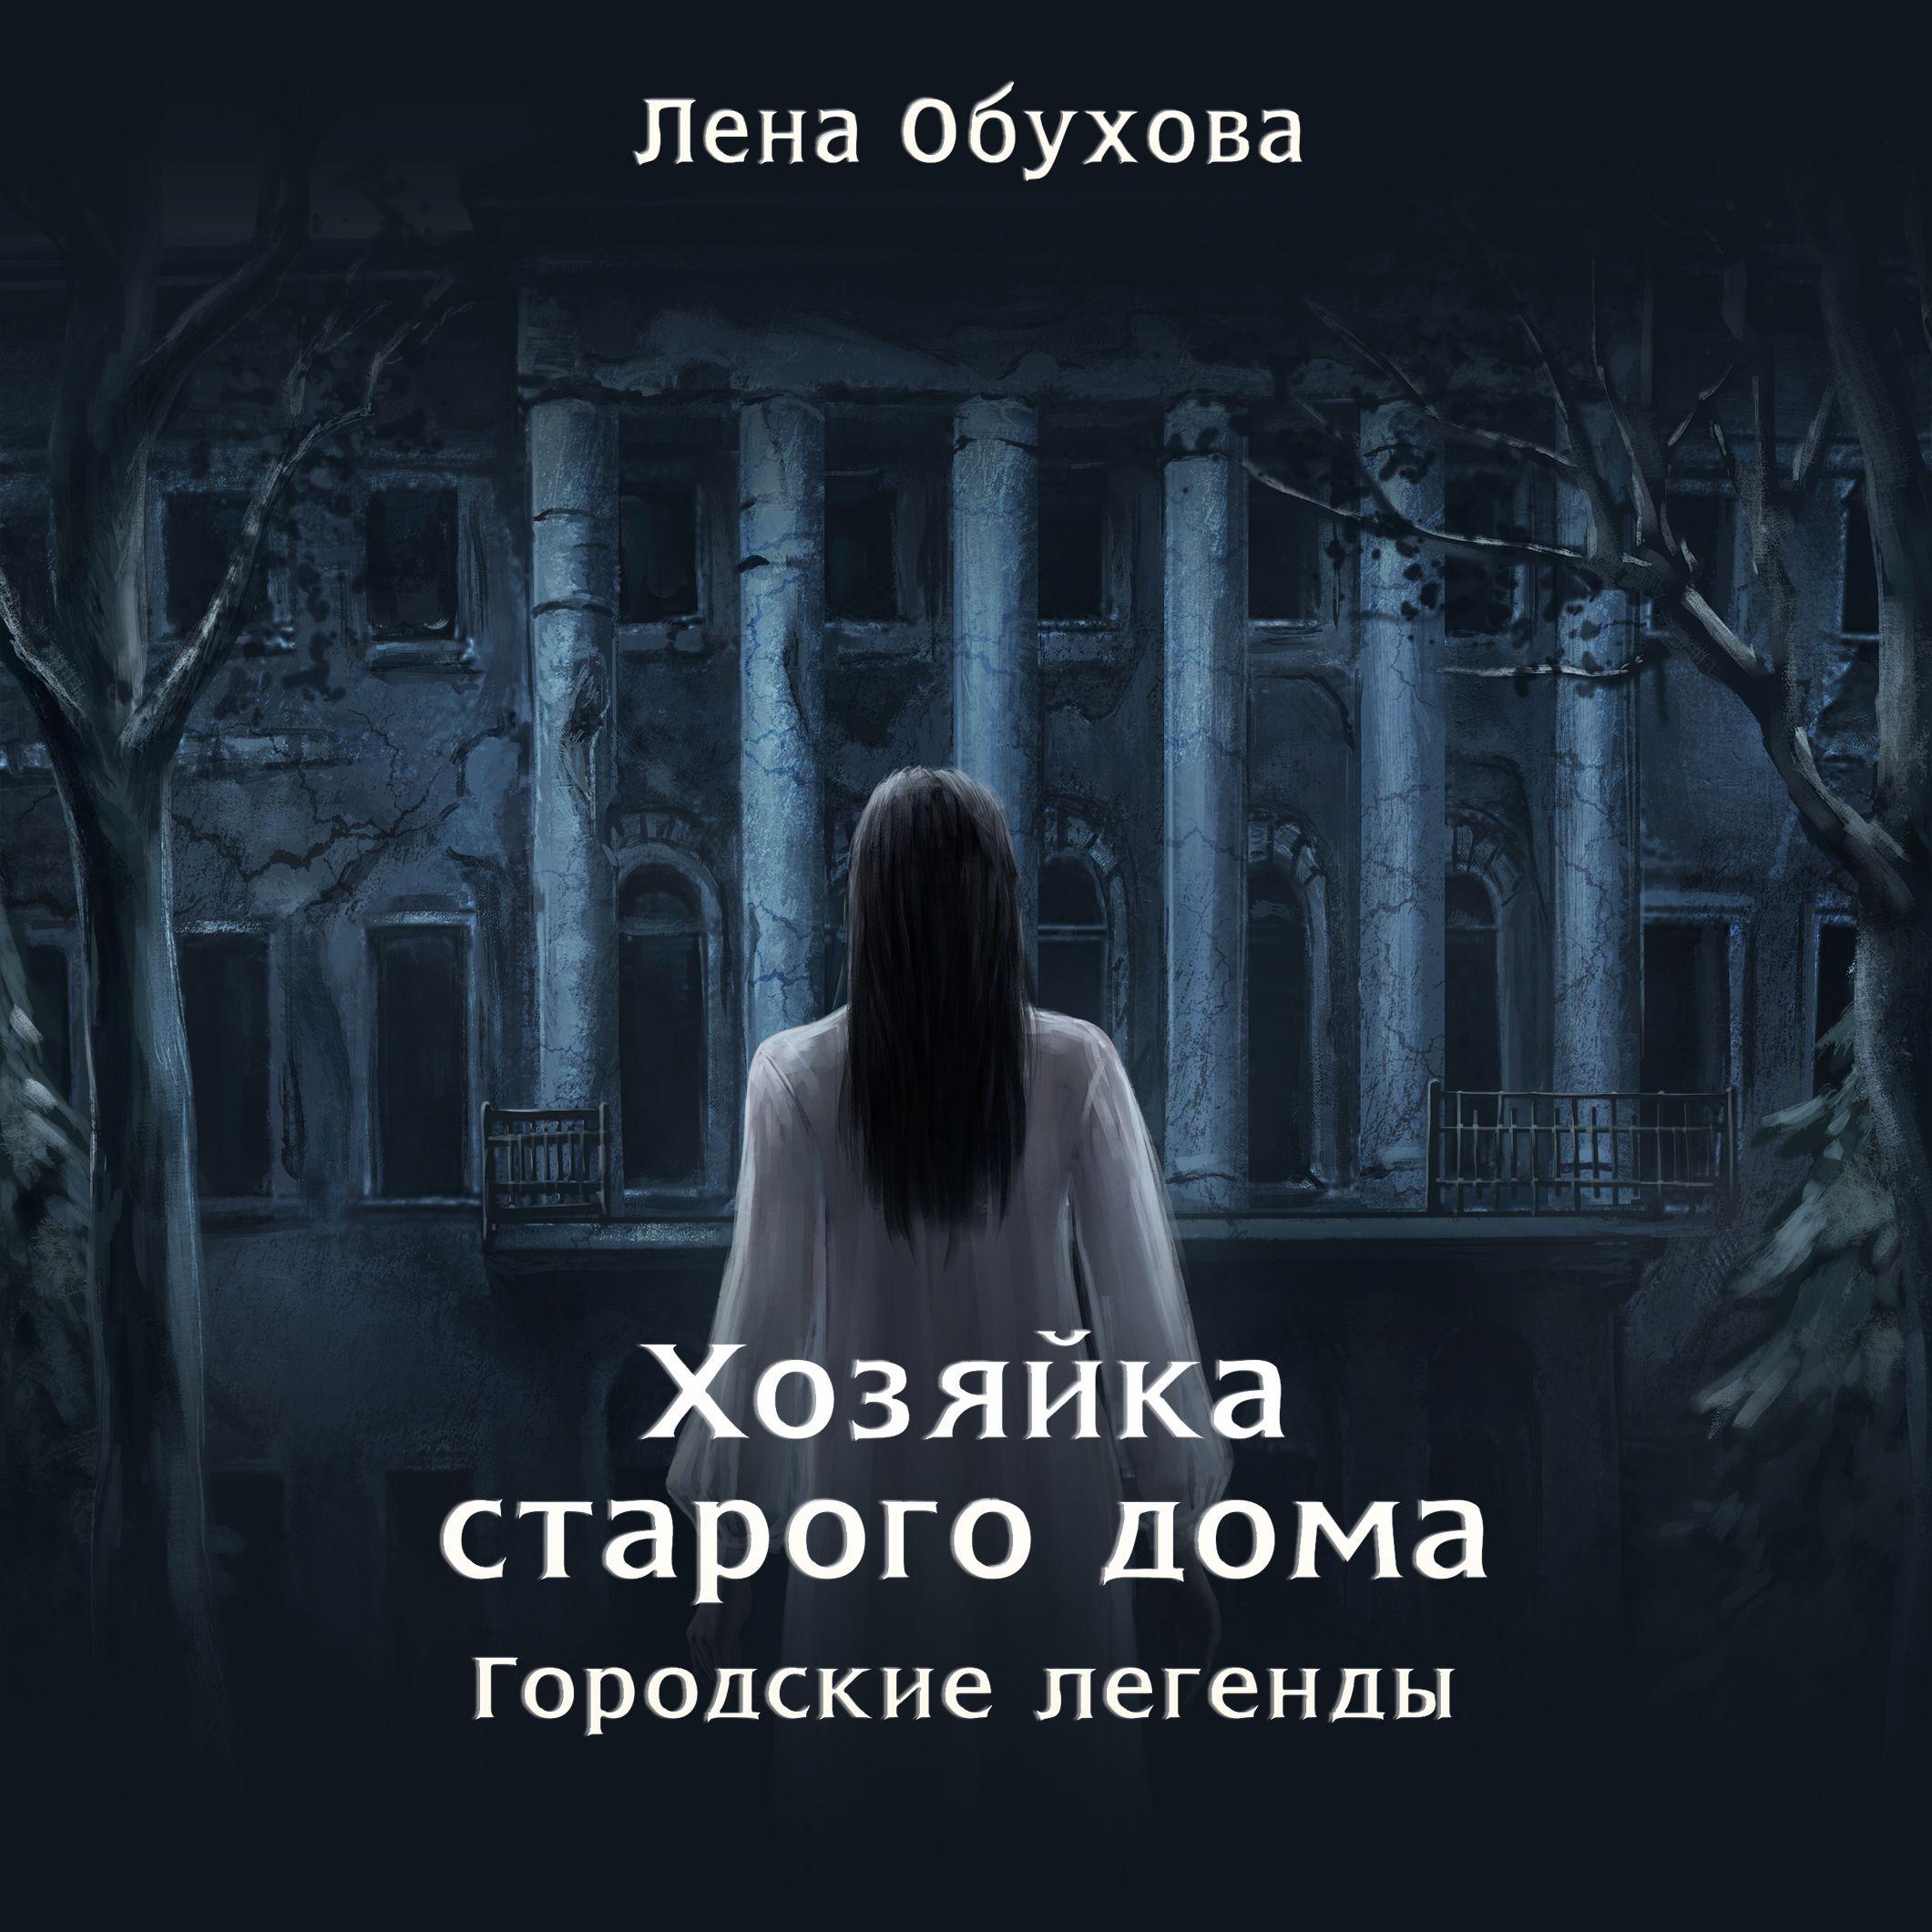 Купить книгу Хозяйка старого дома, автора Лены Обуховой